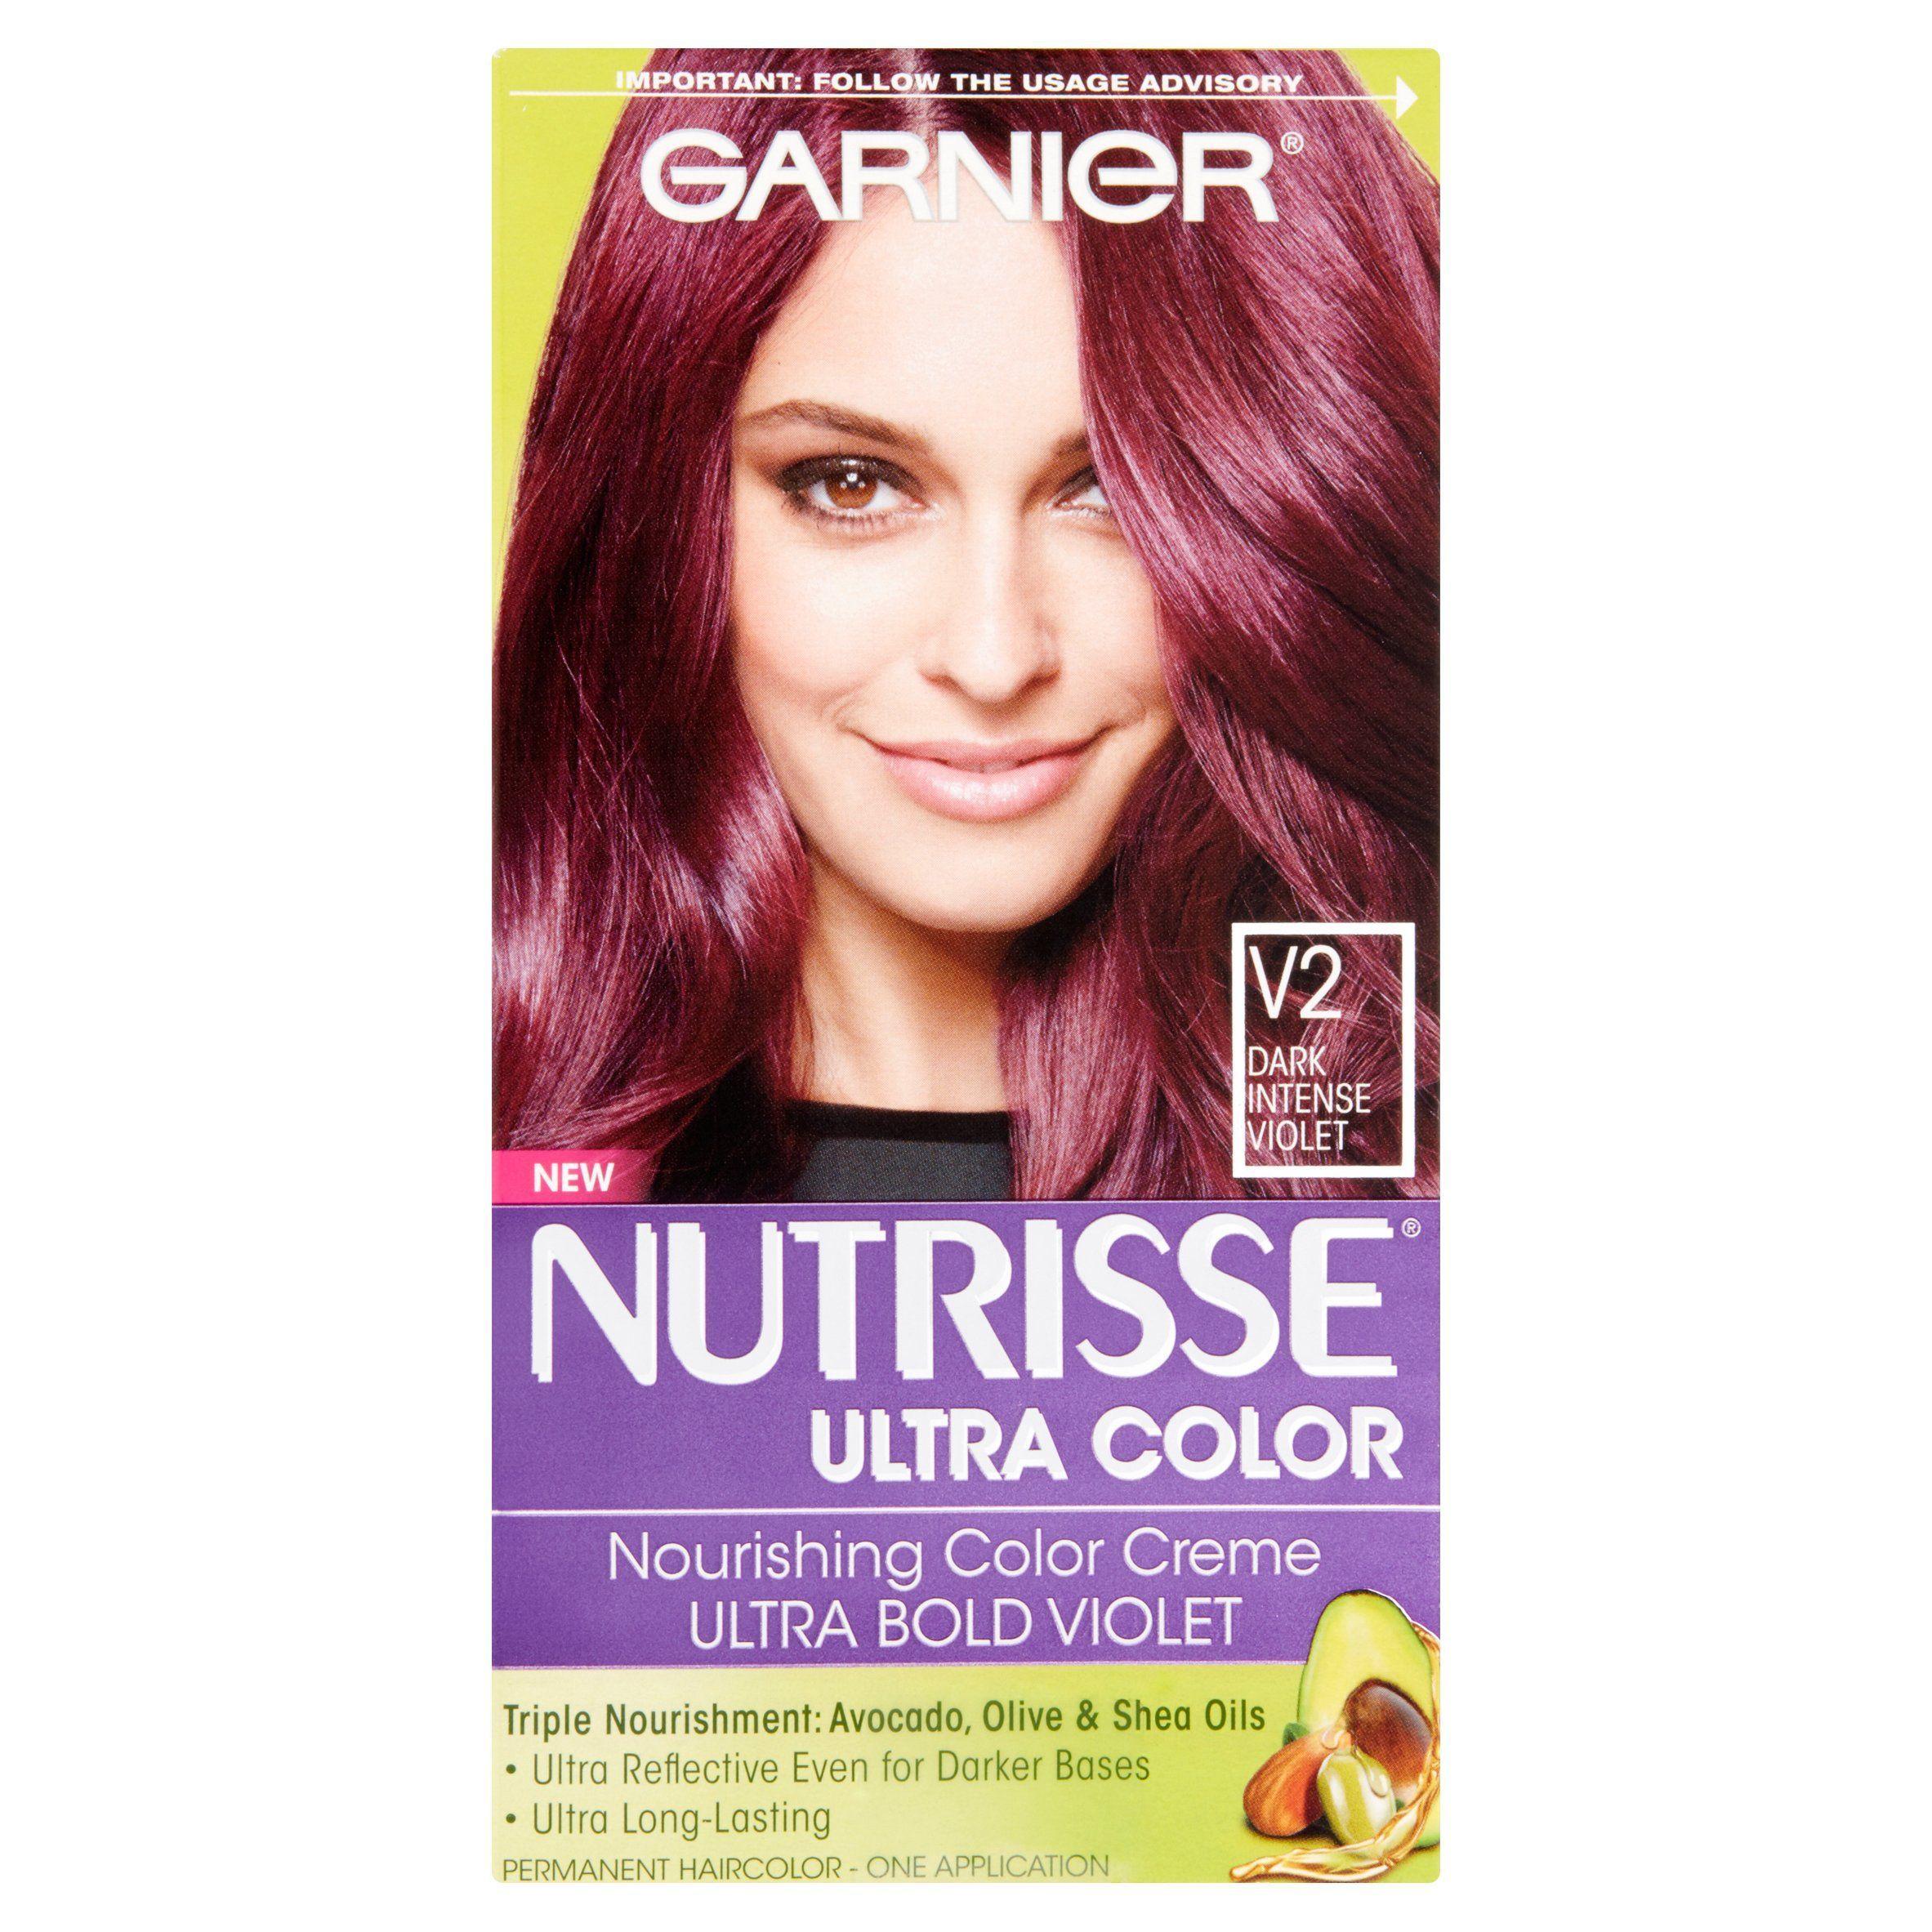 Garnier Nutrisse Ultra Color Nourishing Color Creme V2 Dark Intense